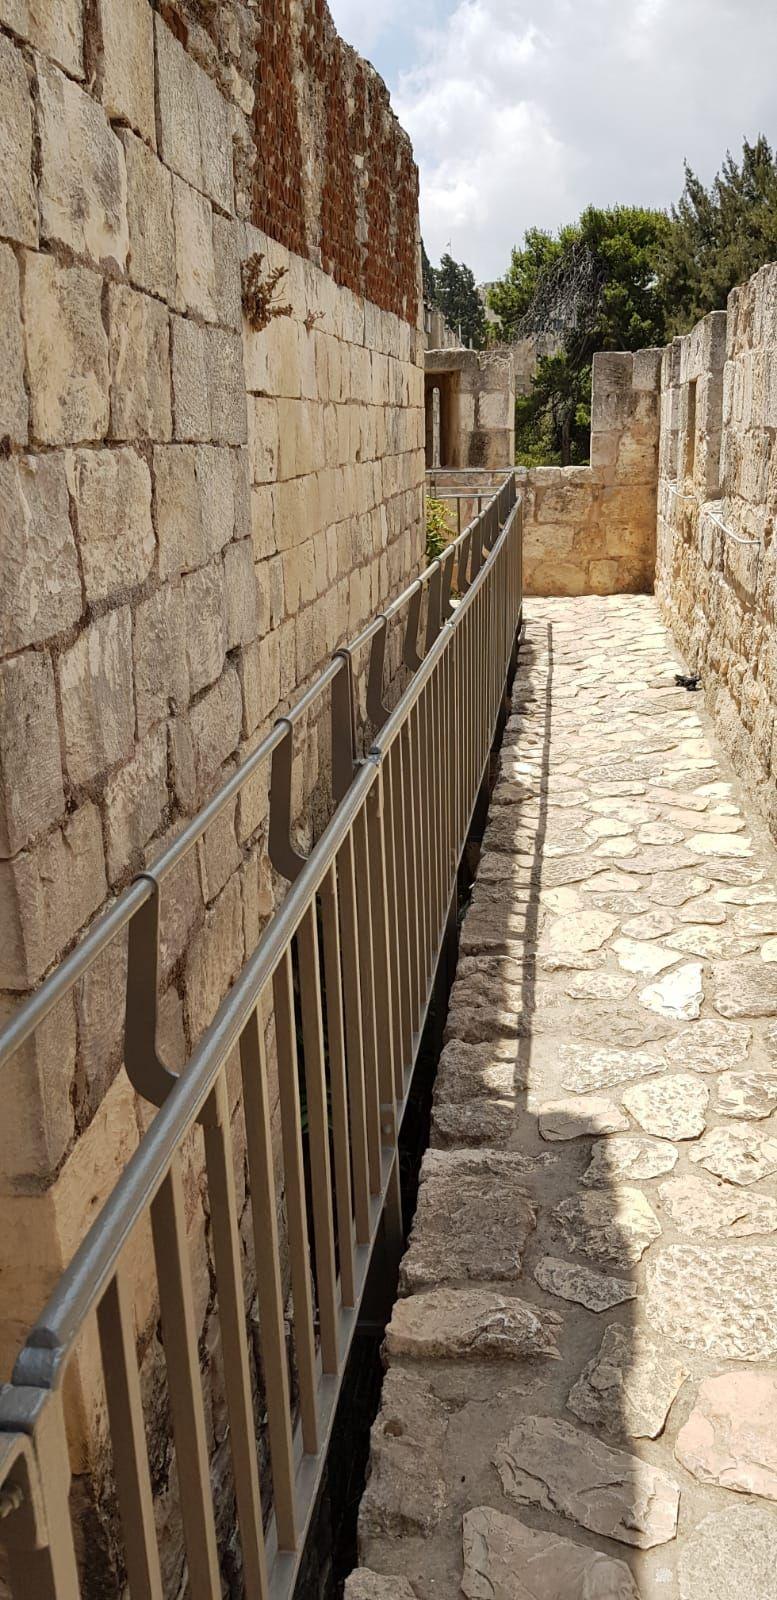 שיקום טיילת חומות העיר העתיקה, ירושלים תמונה מספר 4